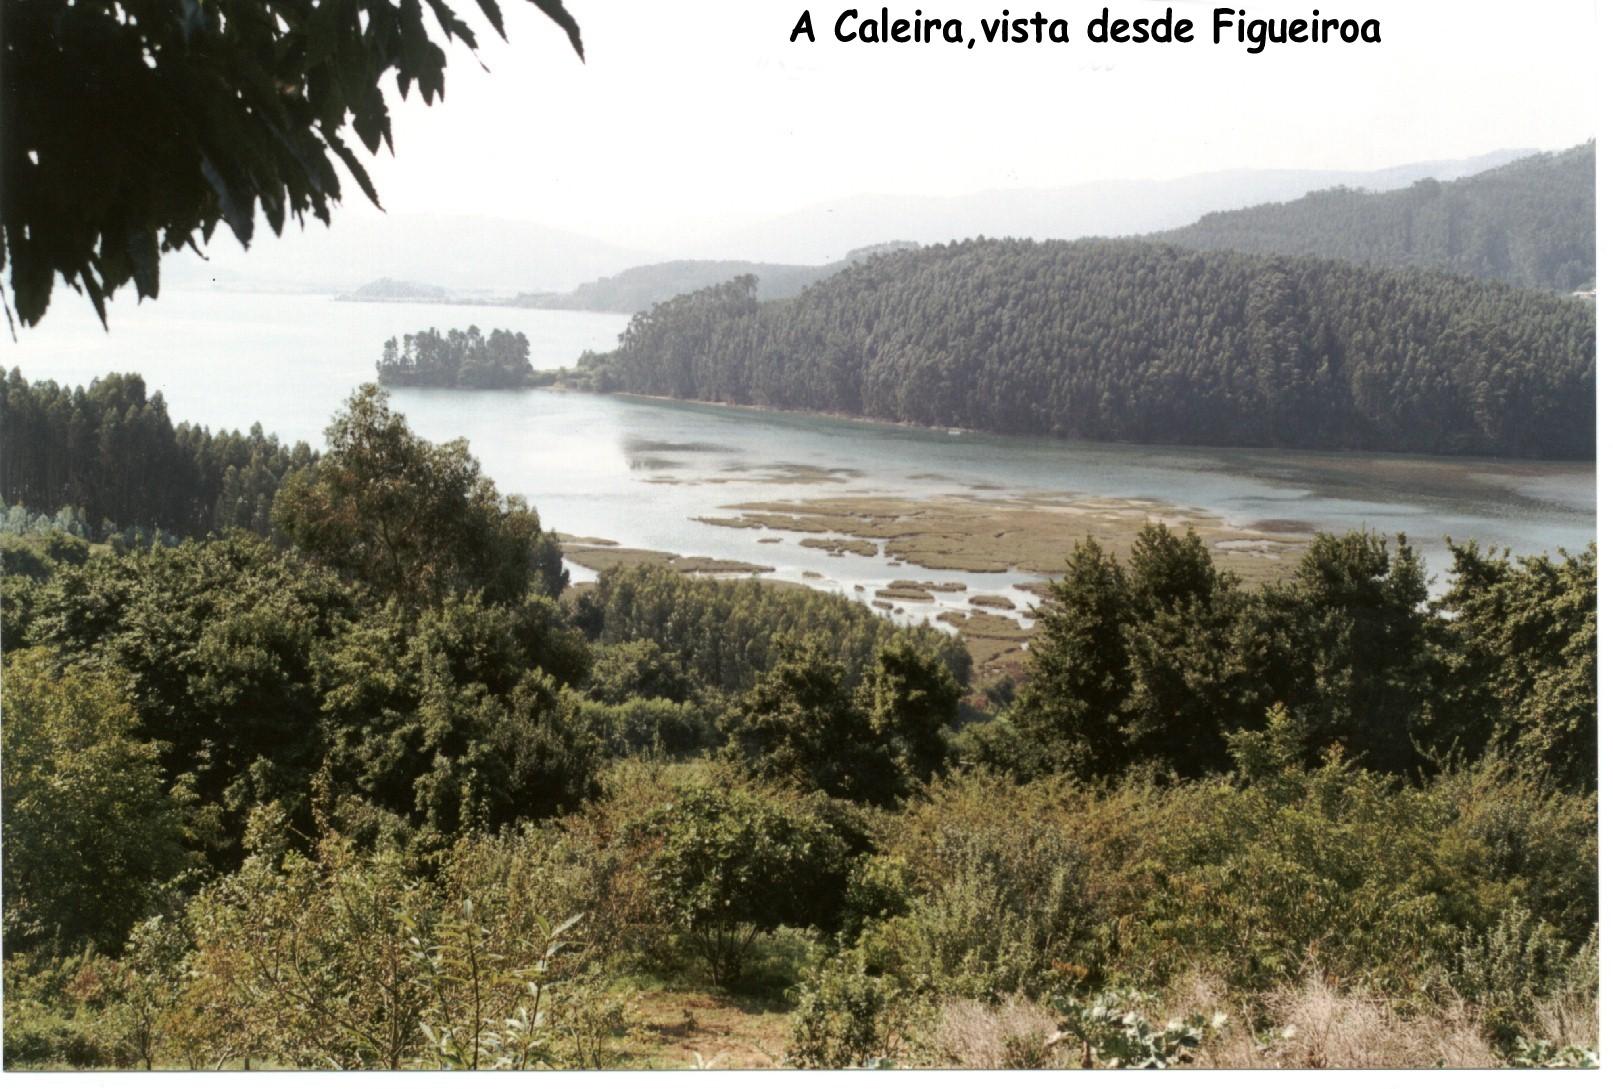 Foto playa Figueiras. A Caleira. vista desde Figueiroa